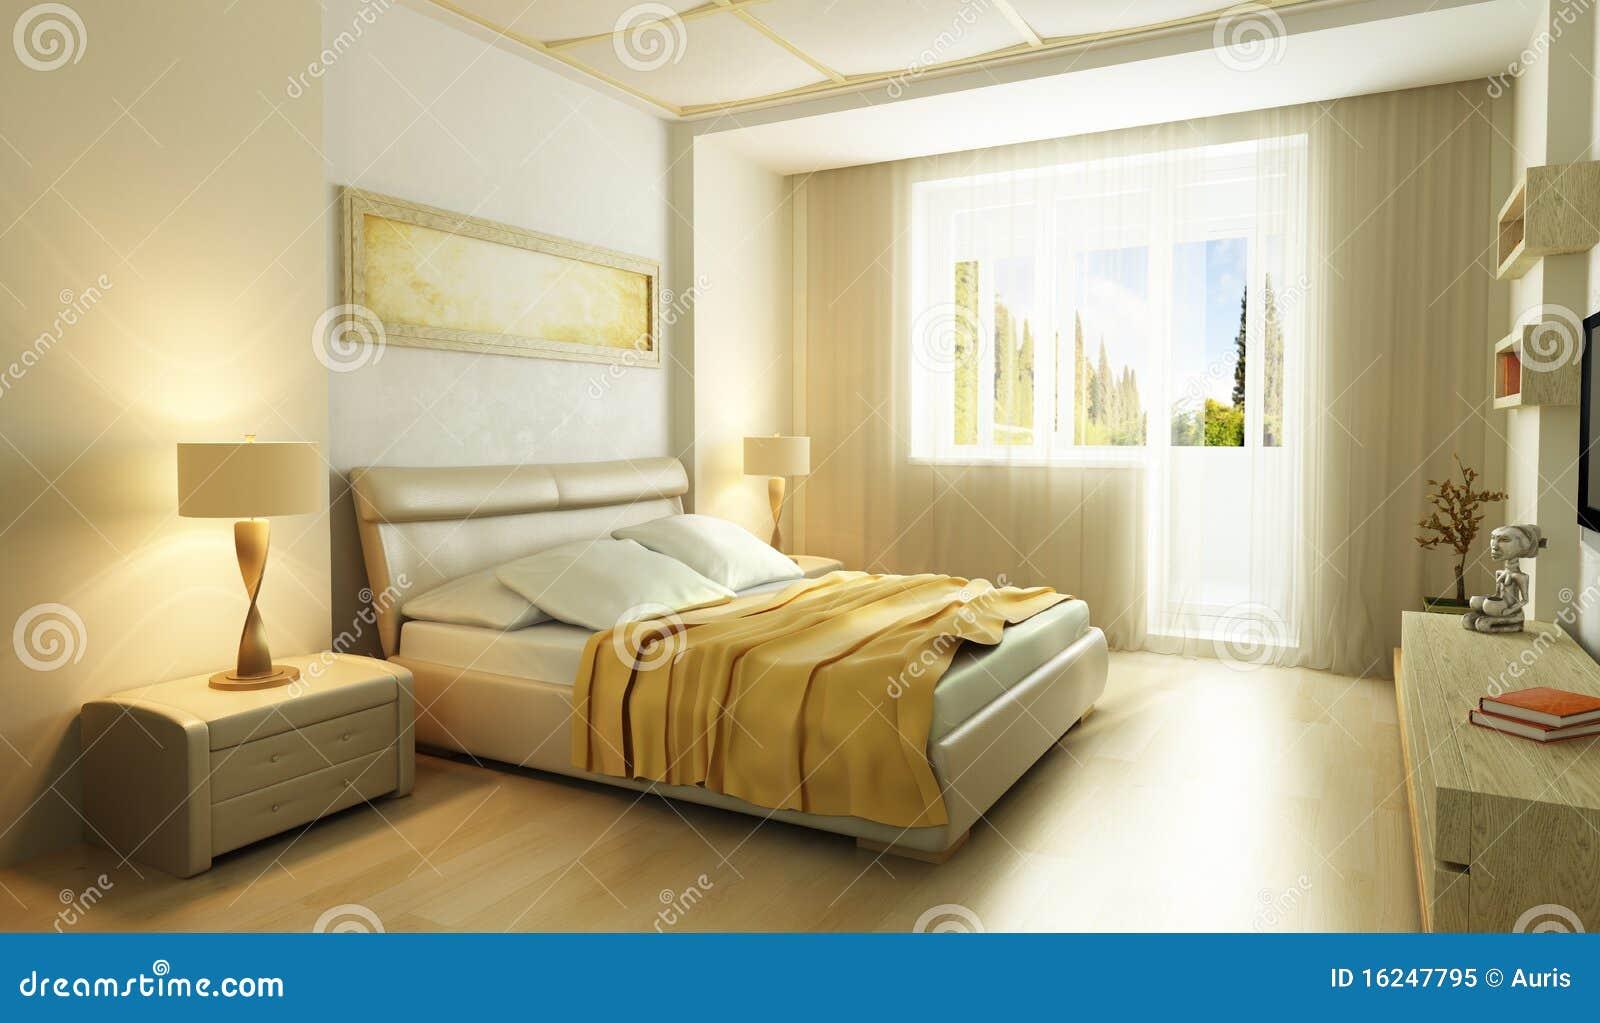 Camera da letto moderna 3d interno di stile fotografia for 3 piani di fattoria camera da letto